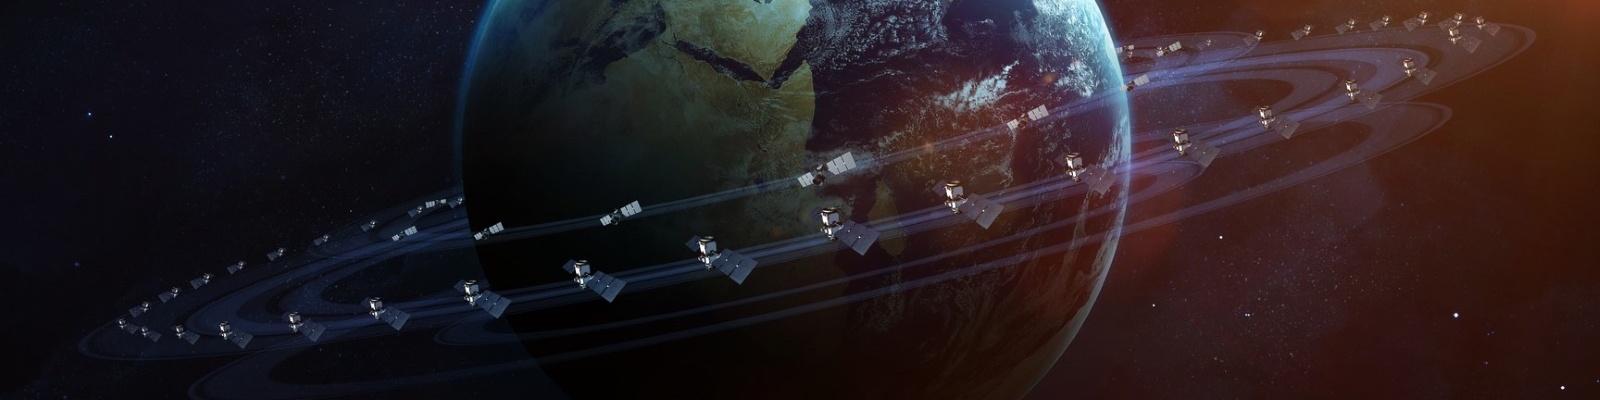 Космическая сеть ЦОД - 1